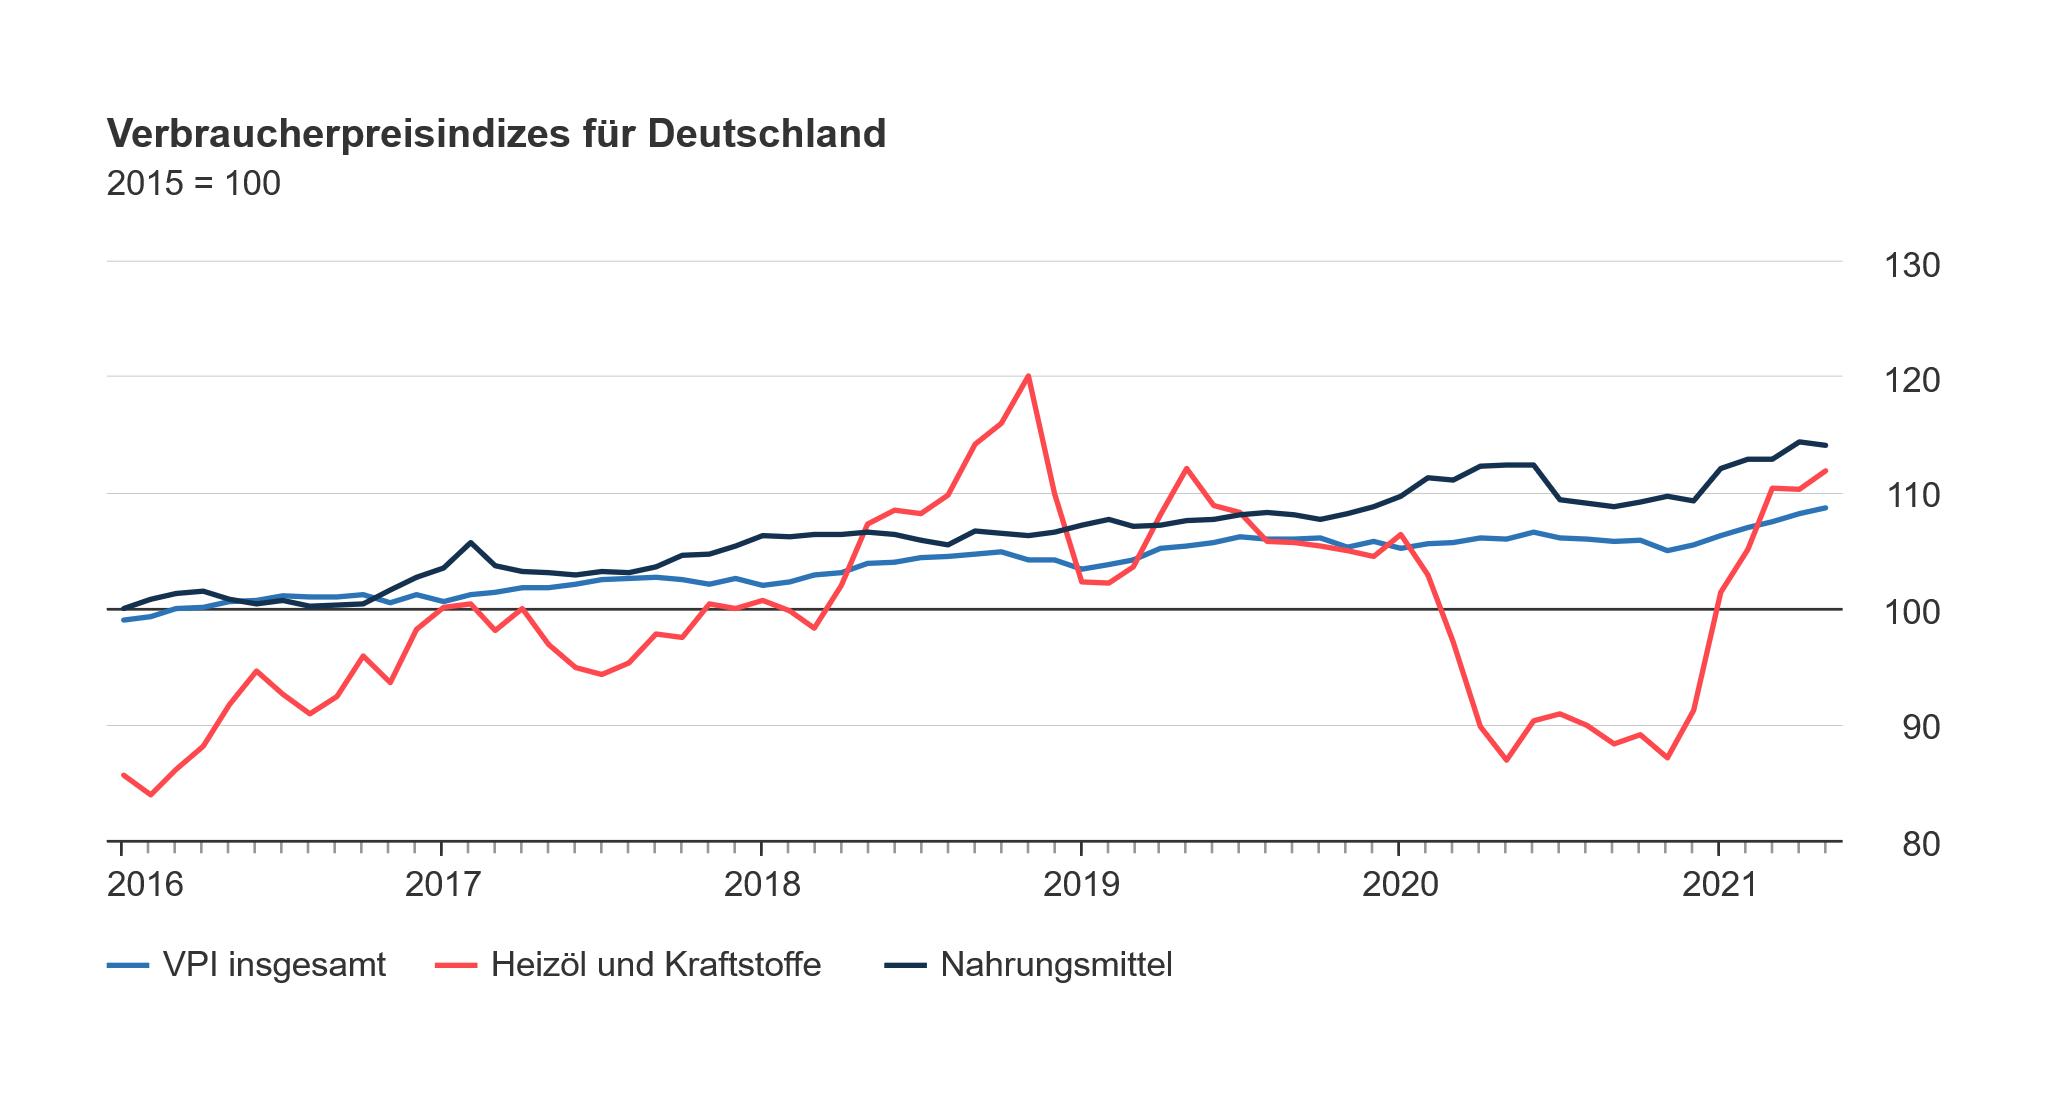 Verbraucherpreisindizes Deutschland auf Infos Unter